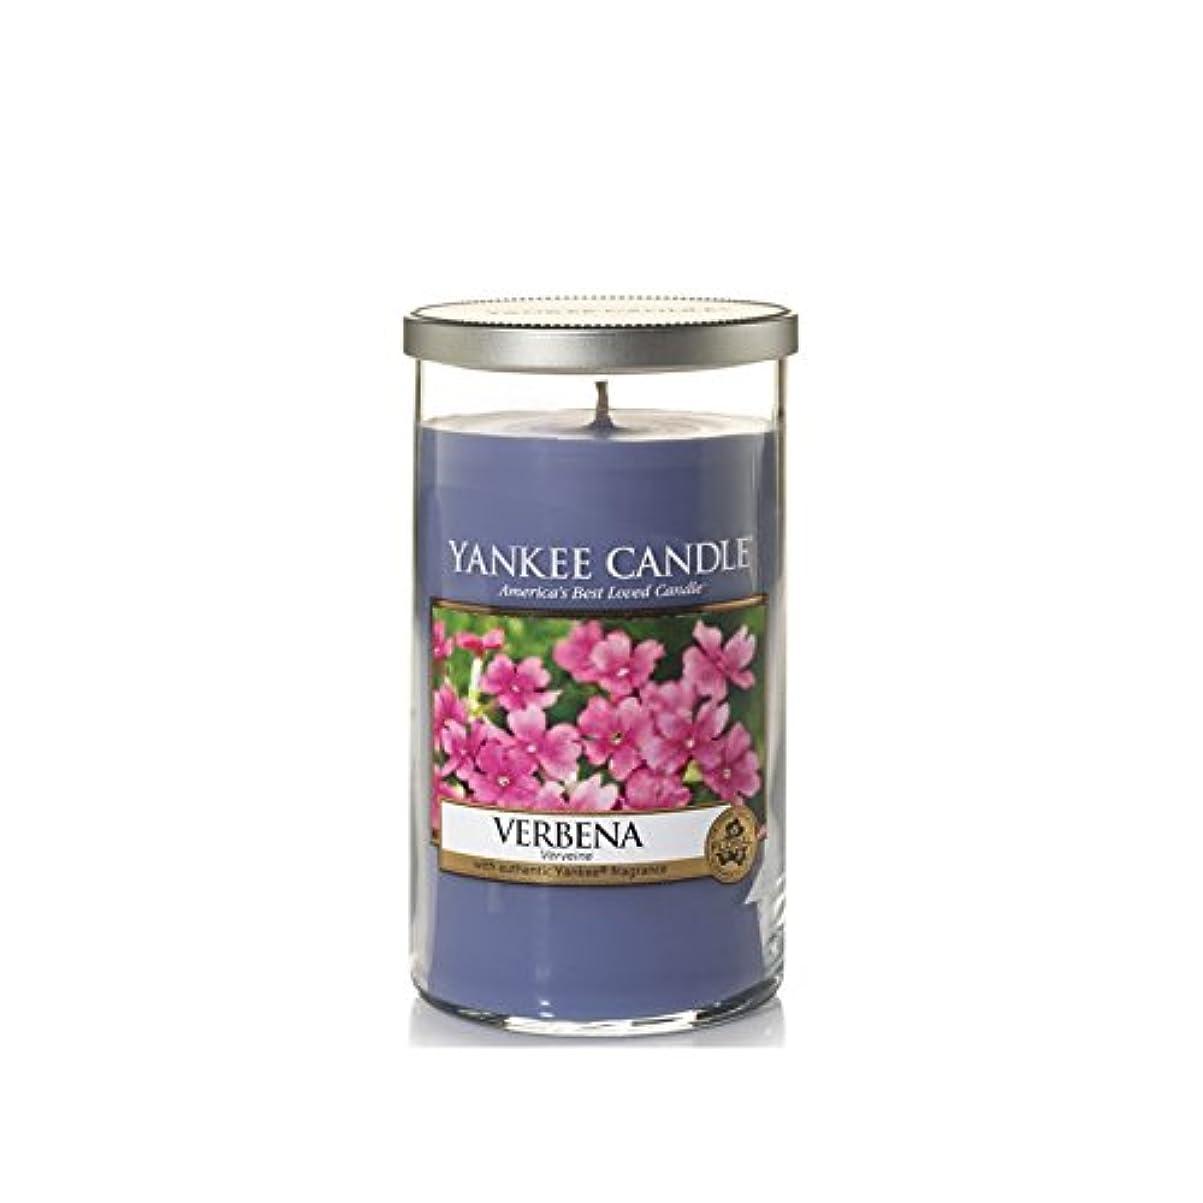 より平らなジャンプするファランクスヤンキーキャンドルメディアピラーキャンドル - バーベナ - Yankee Candles Medium Pillar Candle - Verbena (Yankee Candles) [並行輸入品]